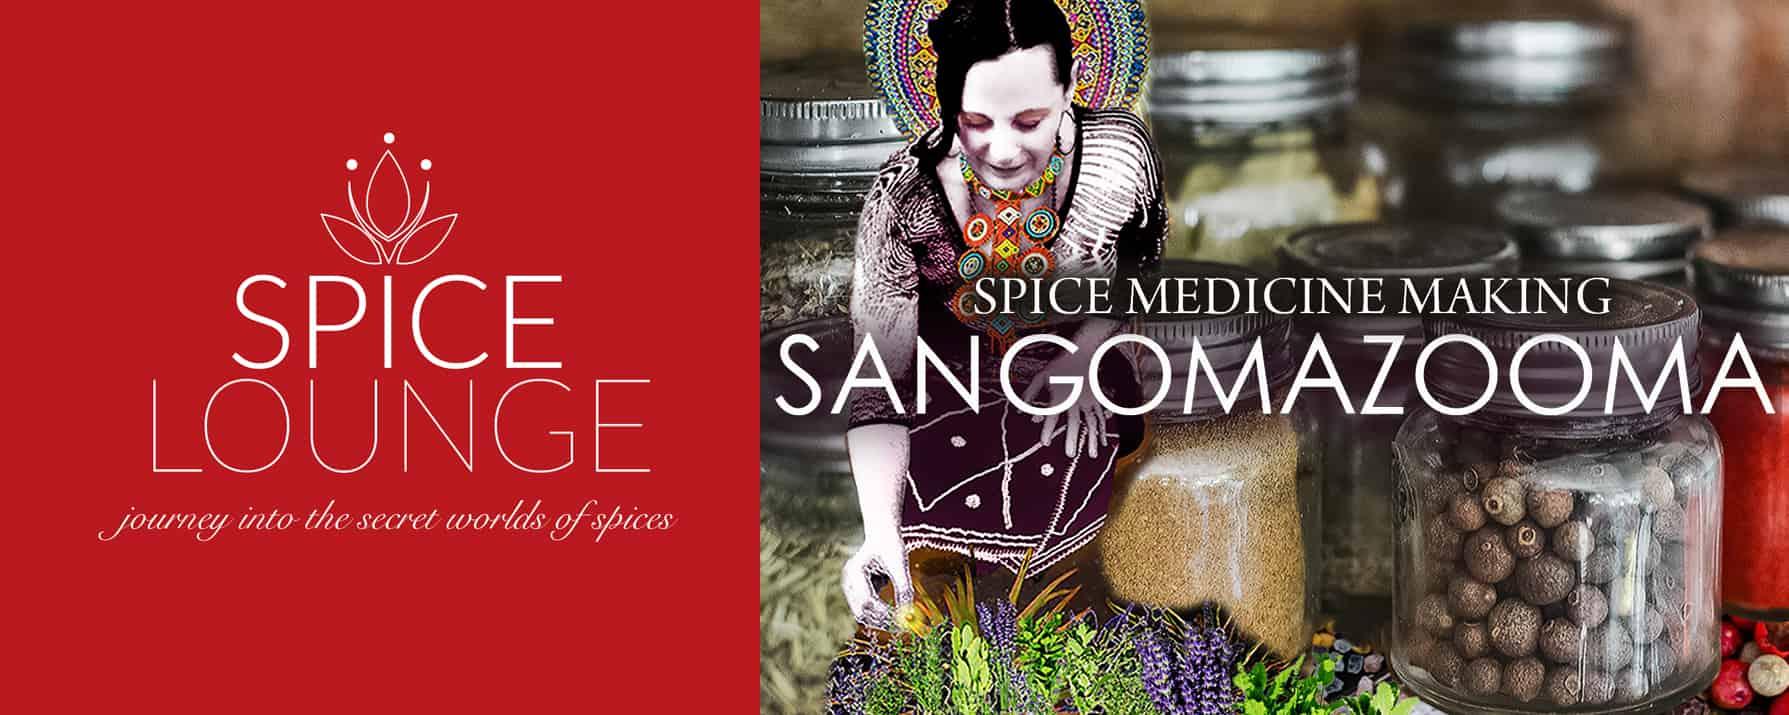 Spice Lounge - Sangoma Zooma